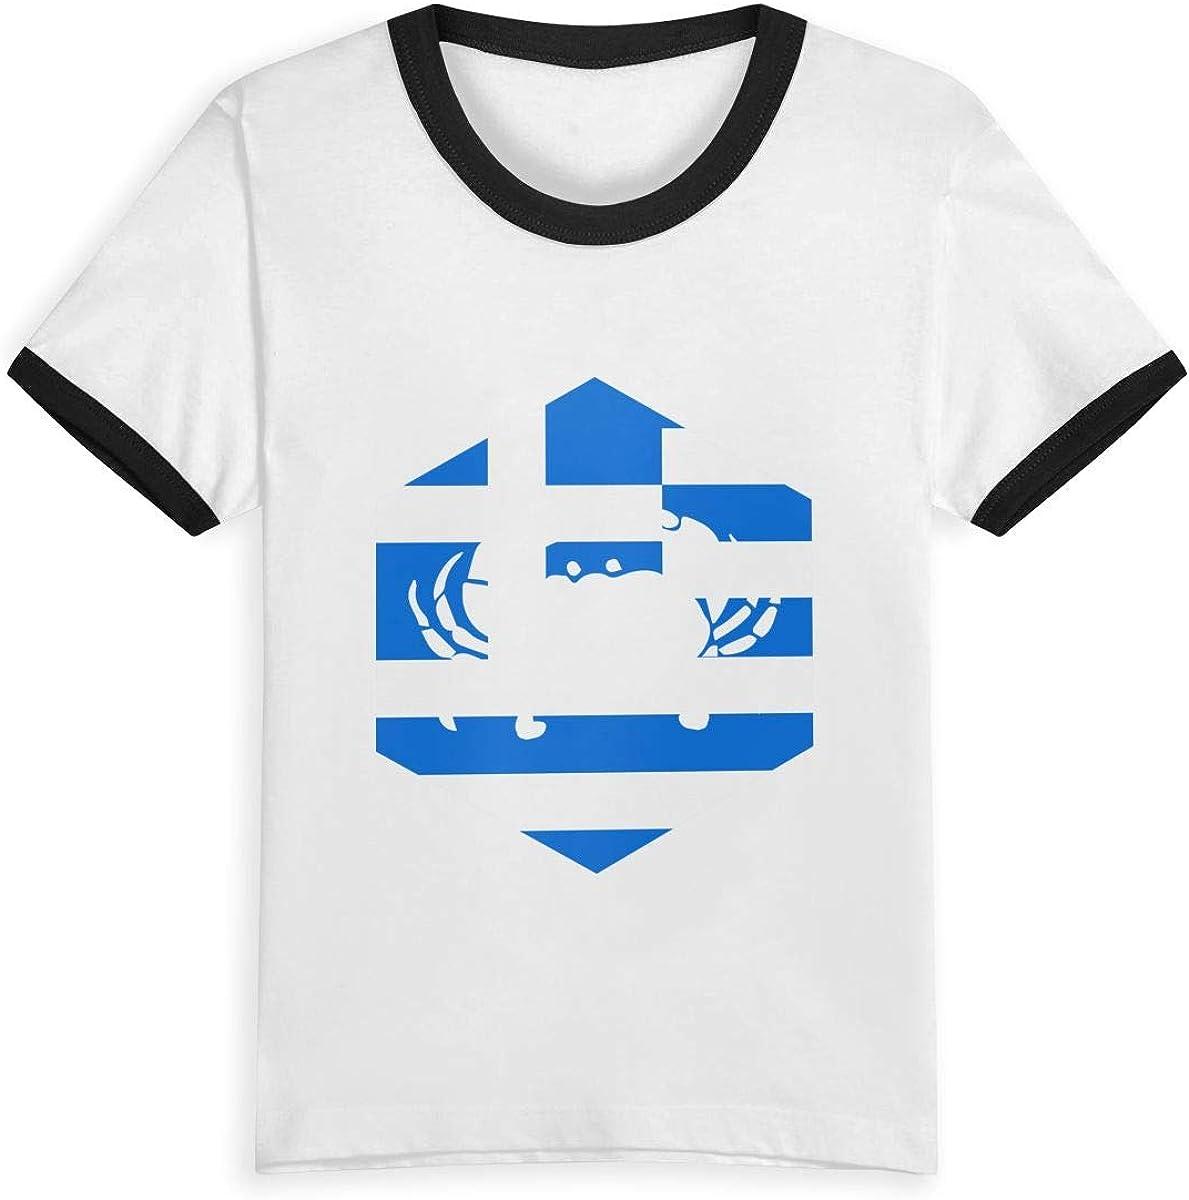 Camiseta de algodón con Estampado de Dibujos Animados para niños y niñas con Estampado de la Reina Elena Cáncer Grecia Griega, 2 – 6 años Negro Negro (3 años: Amazon.es: Ropa y accesorios